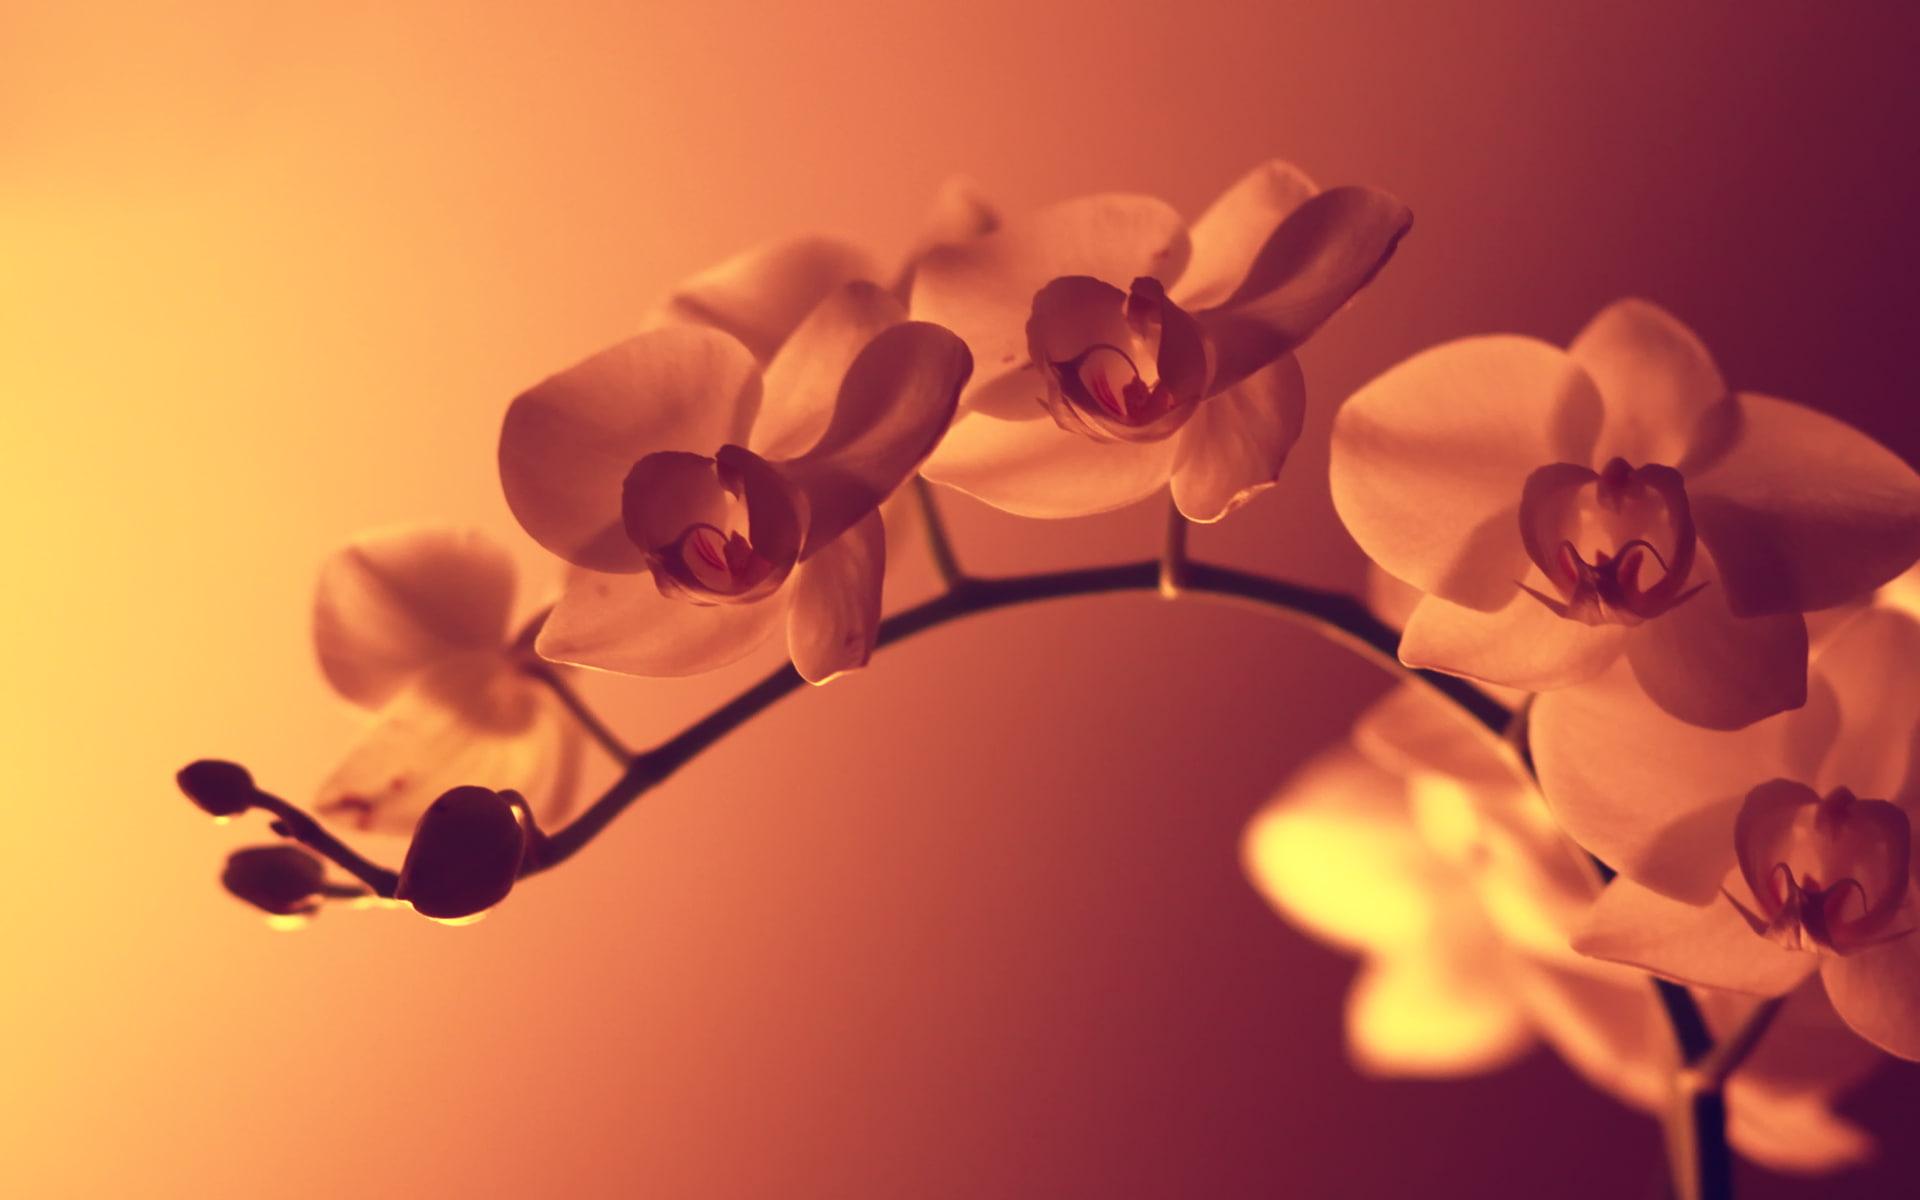 Ảnh nền hoa lan ý nghĩa, đẹp nhất